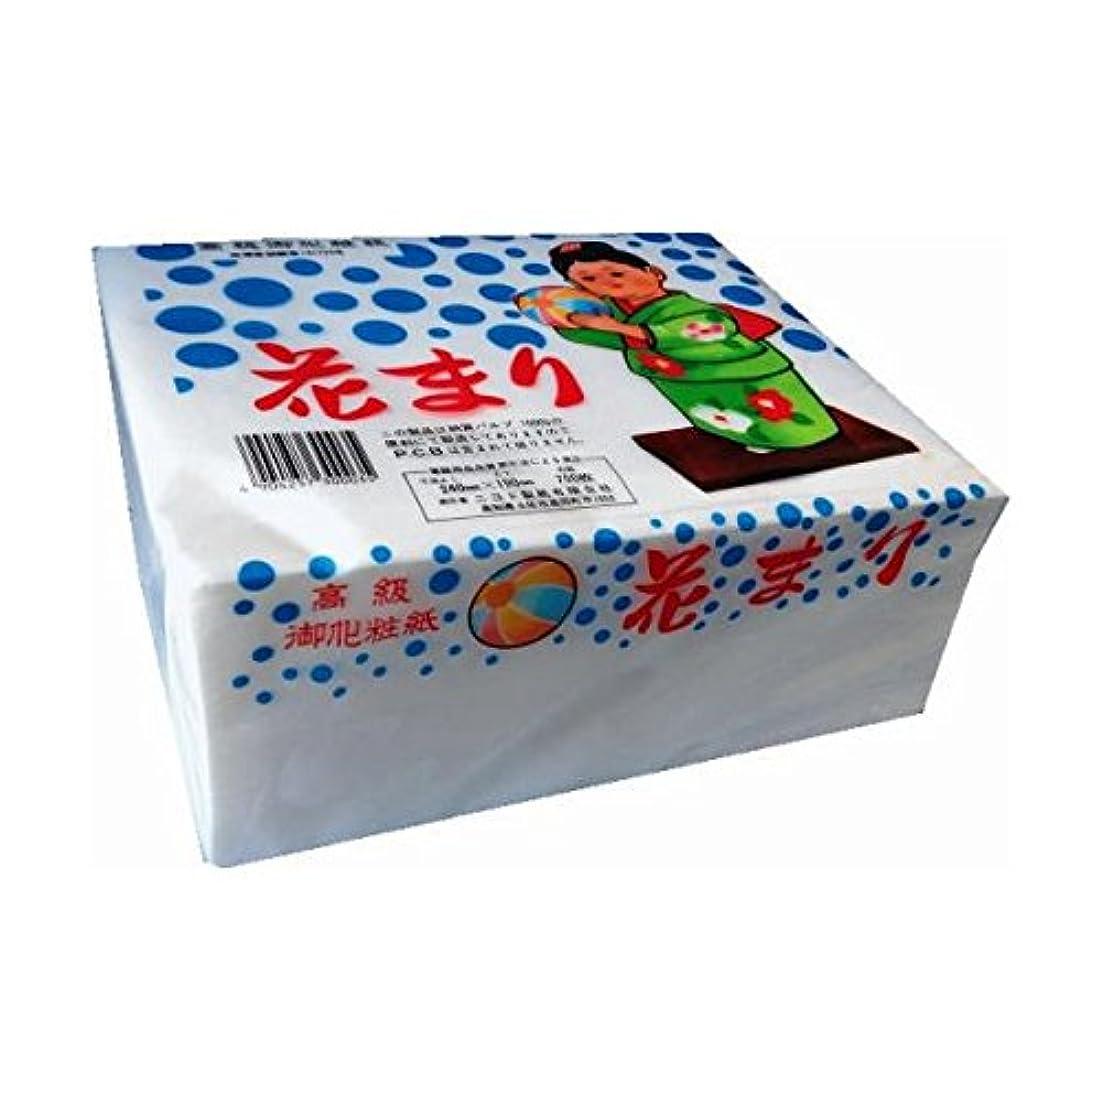 出力千バクテリアニヨド製紙:高級御化粧紙 花まり 700枚 5個 4904257300035b